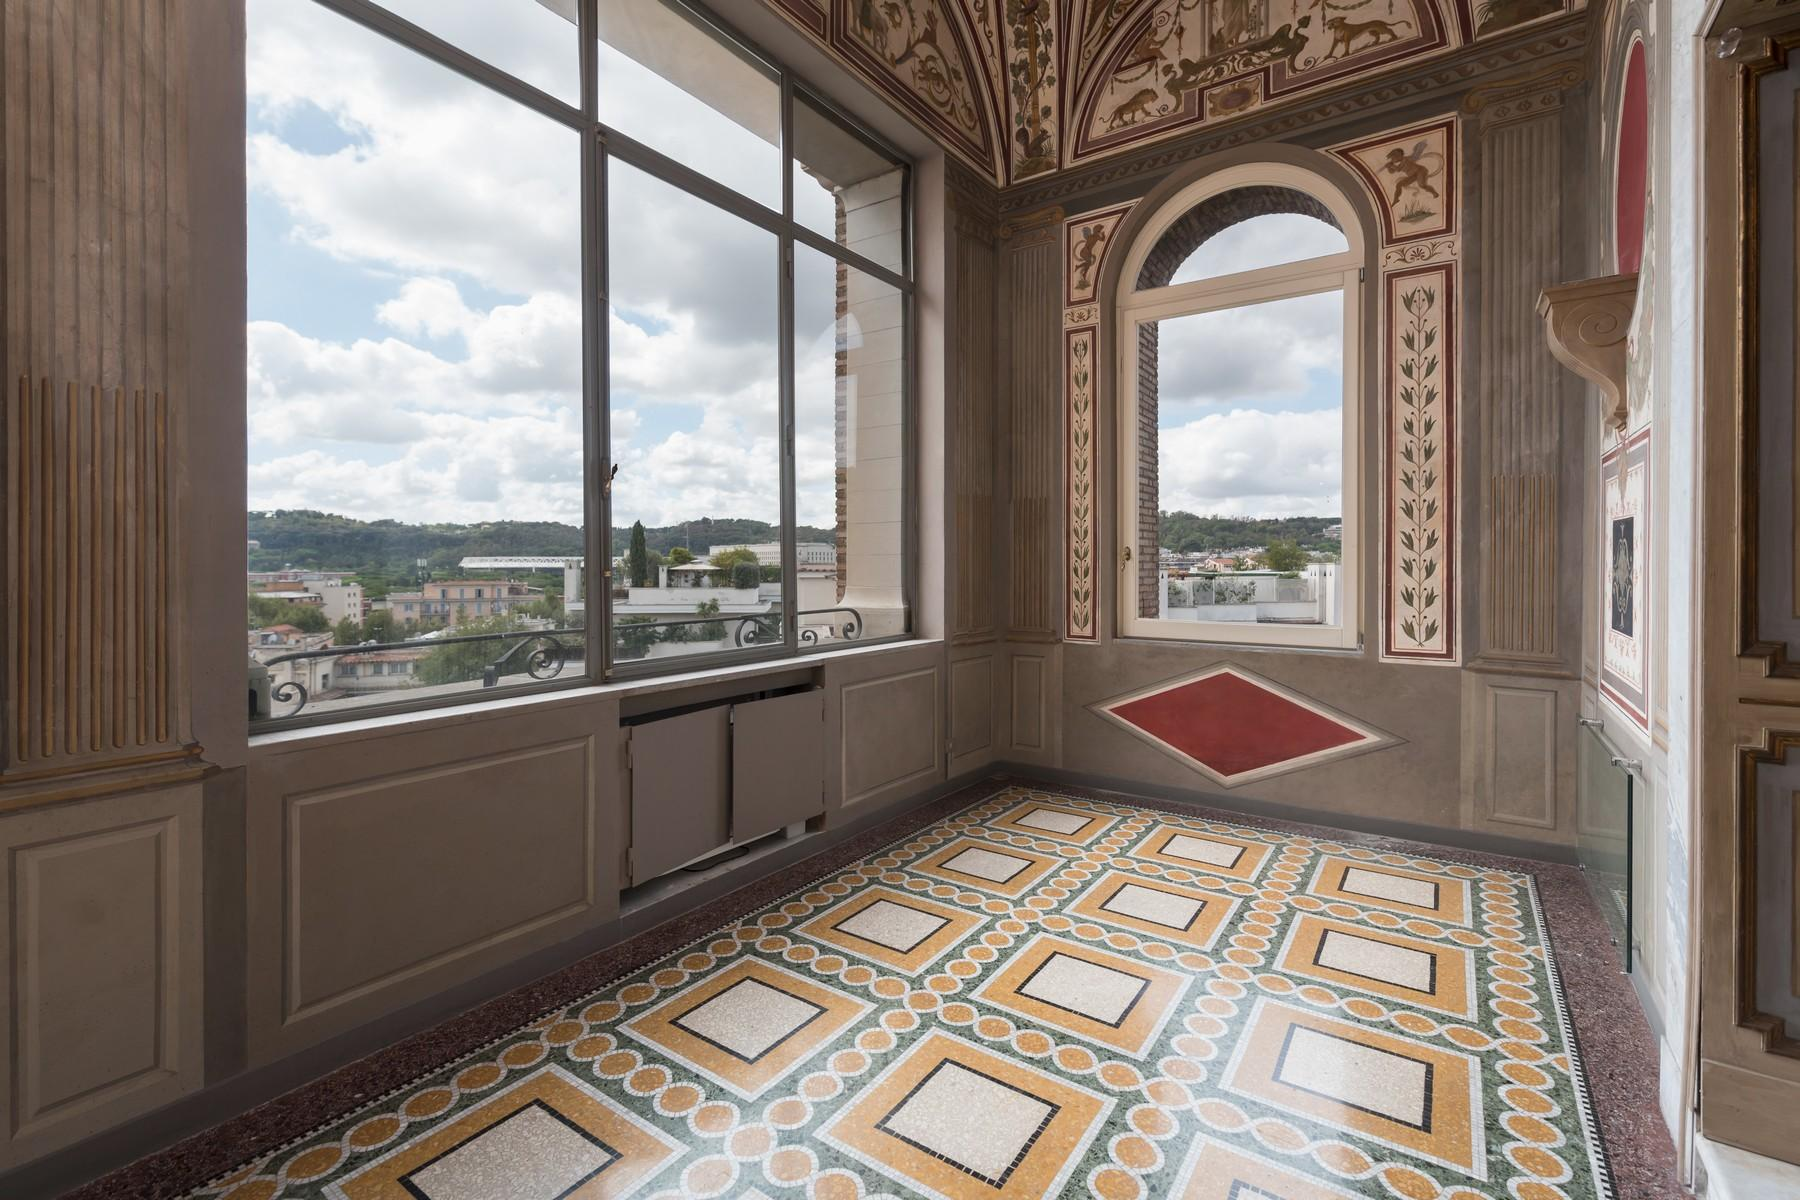 Prestigioso appartamento di rappresentanza all'interno di Villa Brasini - 1